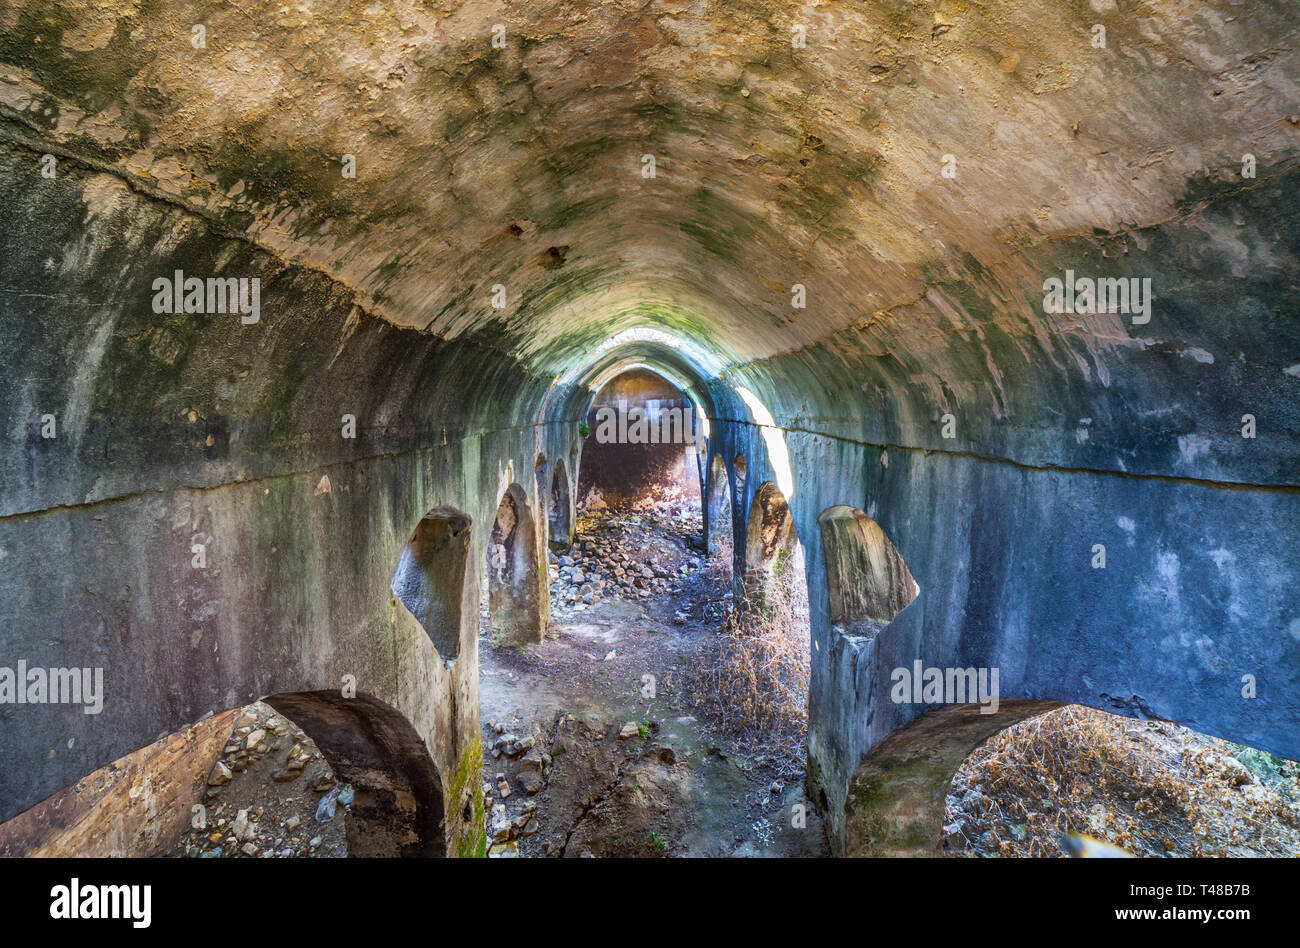 Jimena arabische Zisterne. Weißes Dorf von Cadiz Berge mit maurischen Vergangenheit, Andalusien, Spanien Stockfoto